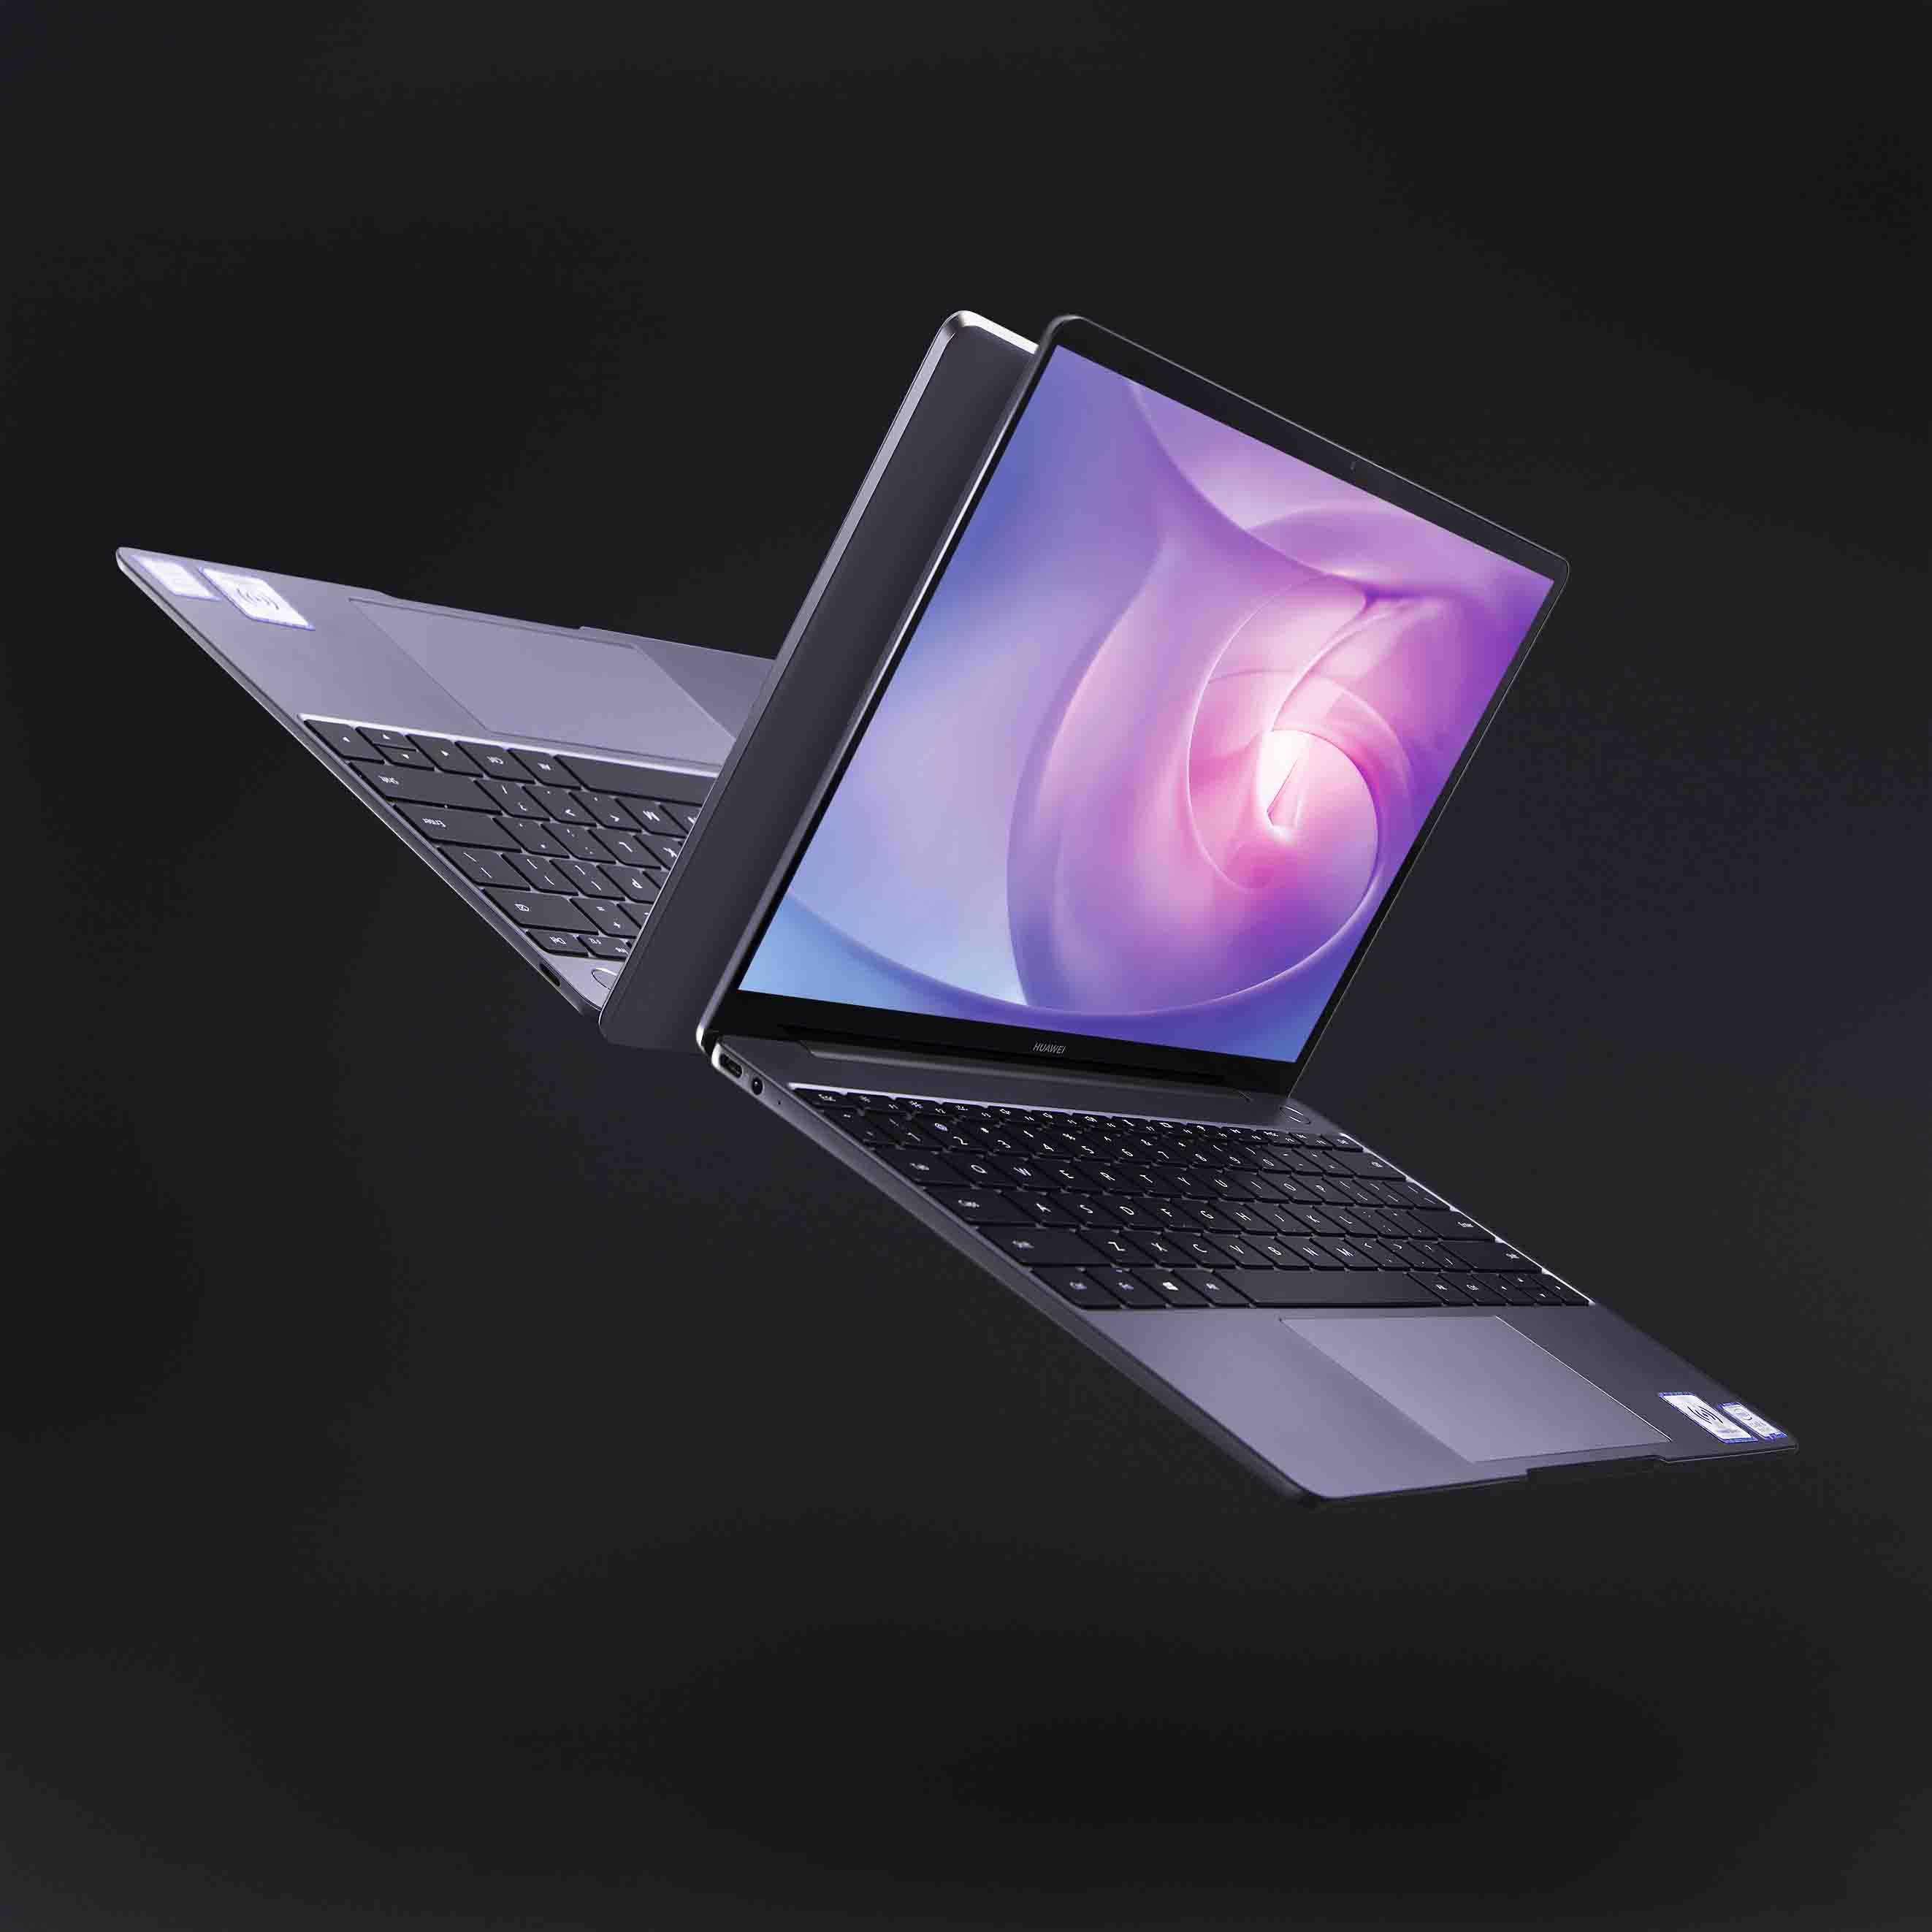 Nuevo Huawei MateBook 13, optimización de diseño y tecnología en un notebook 3